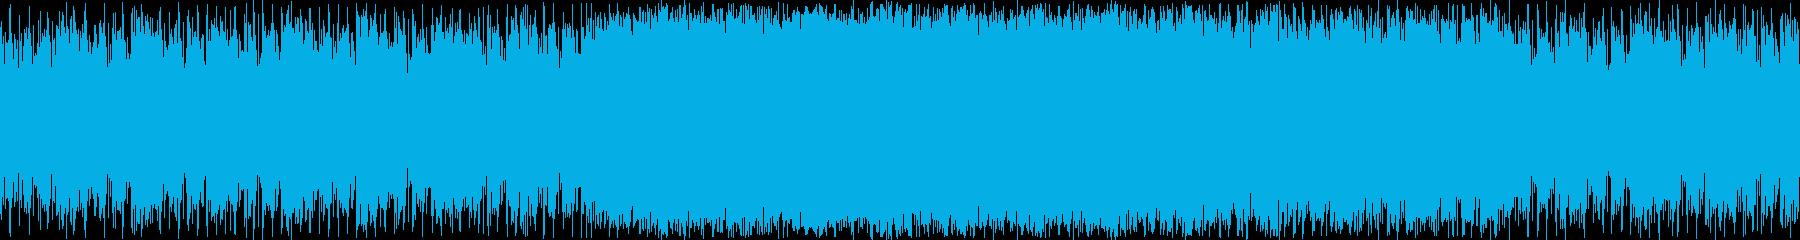 暗めのエレクトロBGMの再生済みの波形